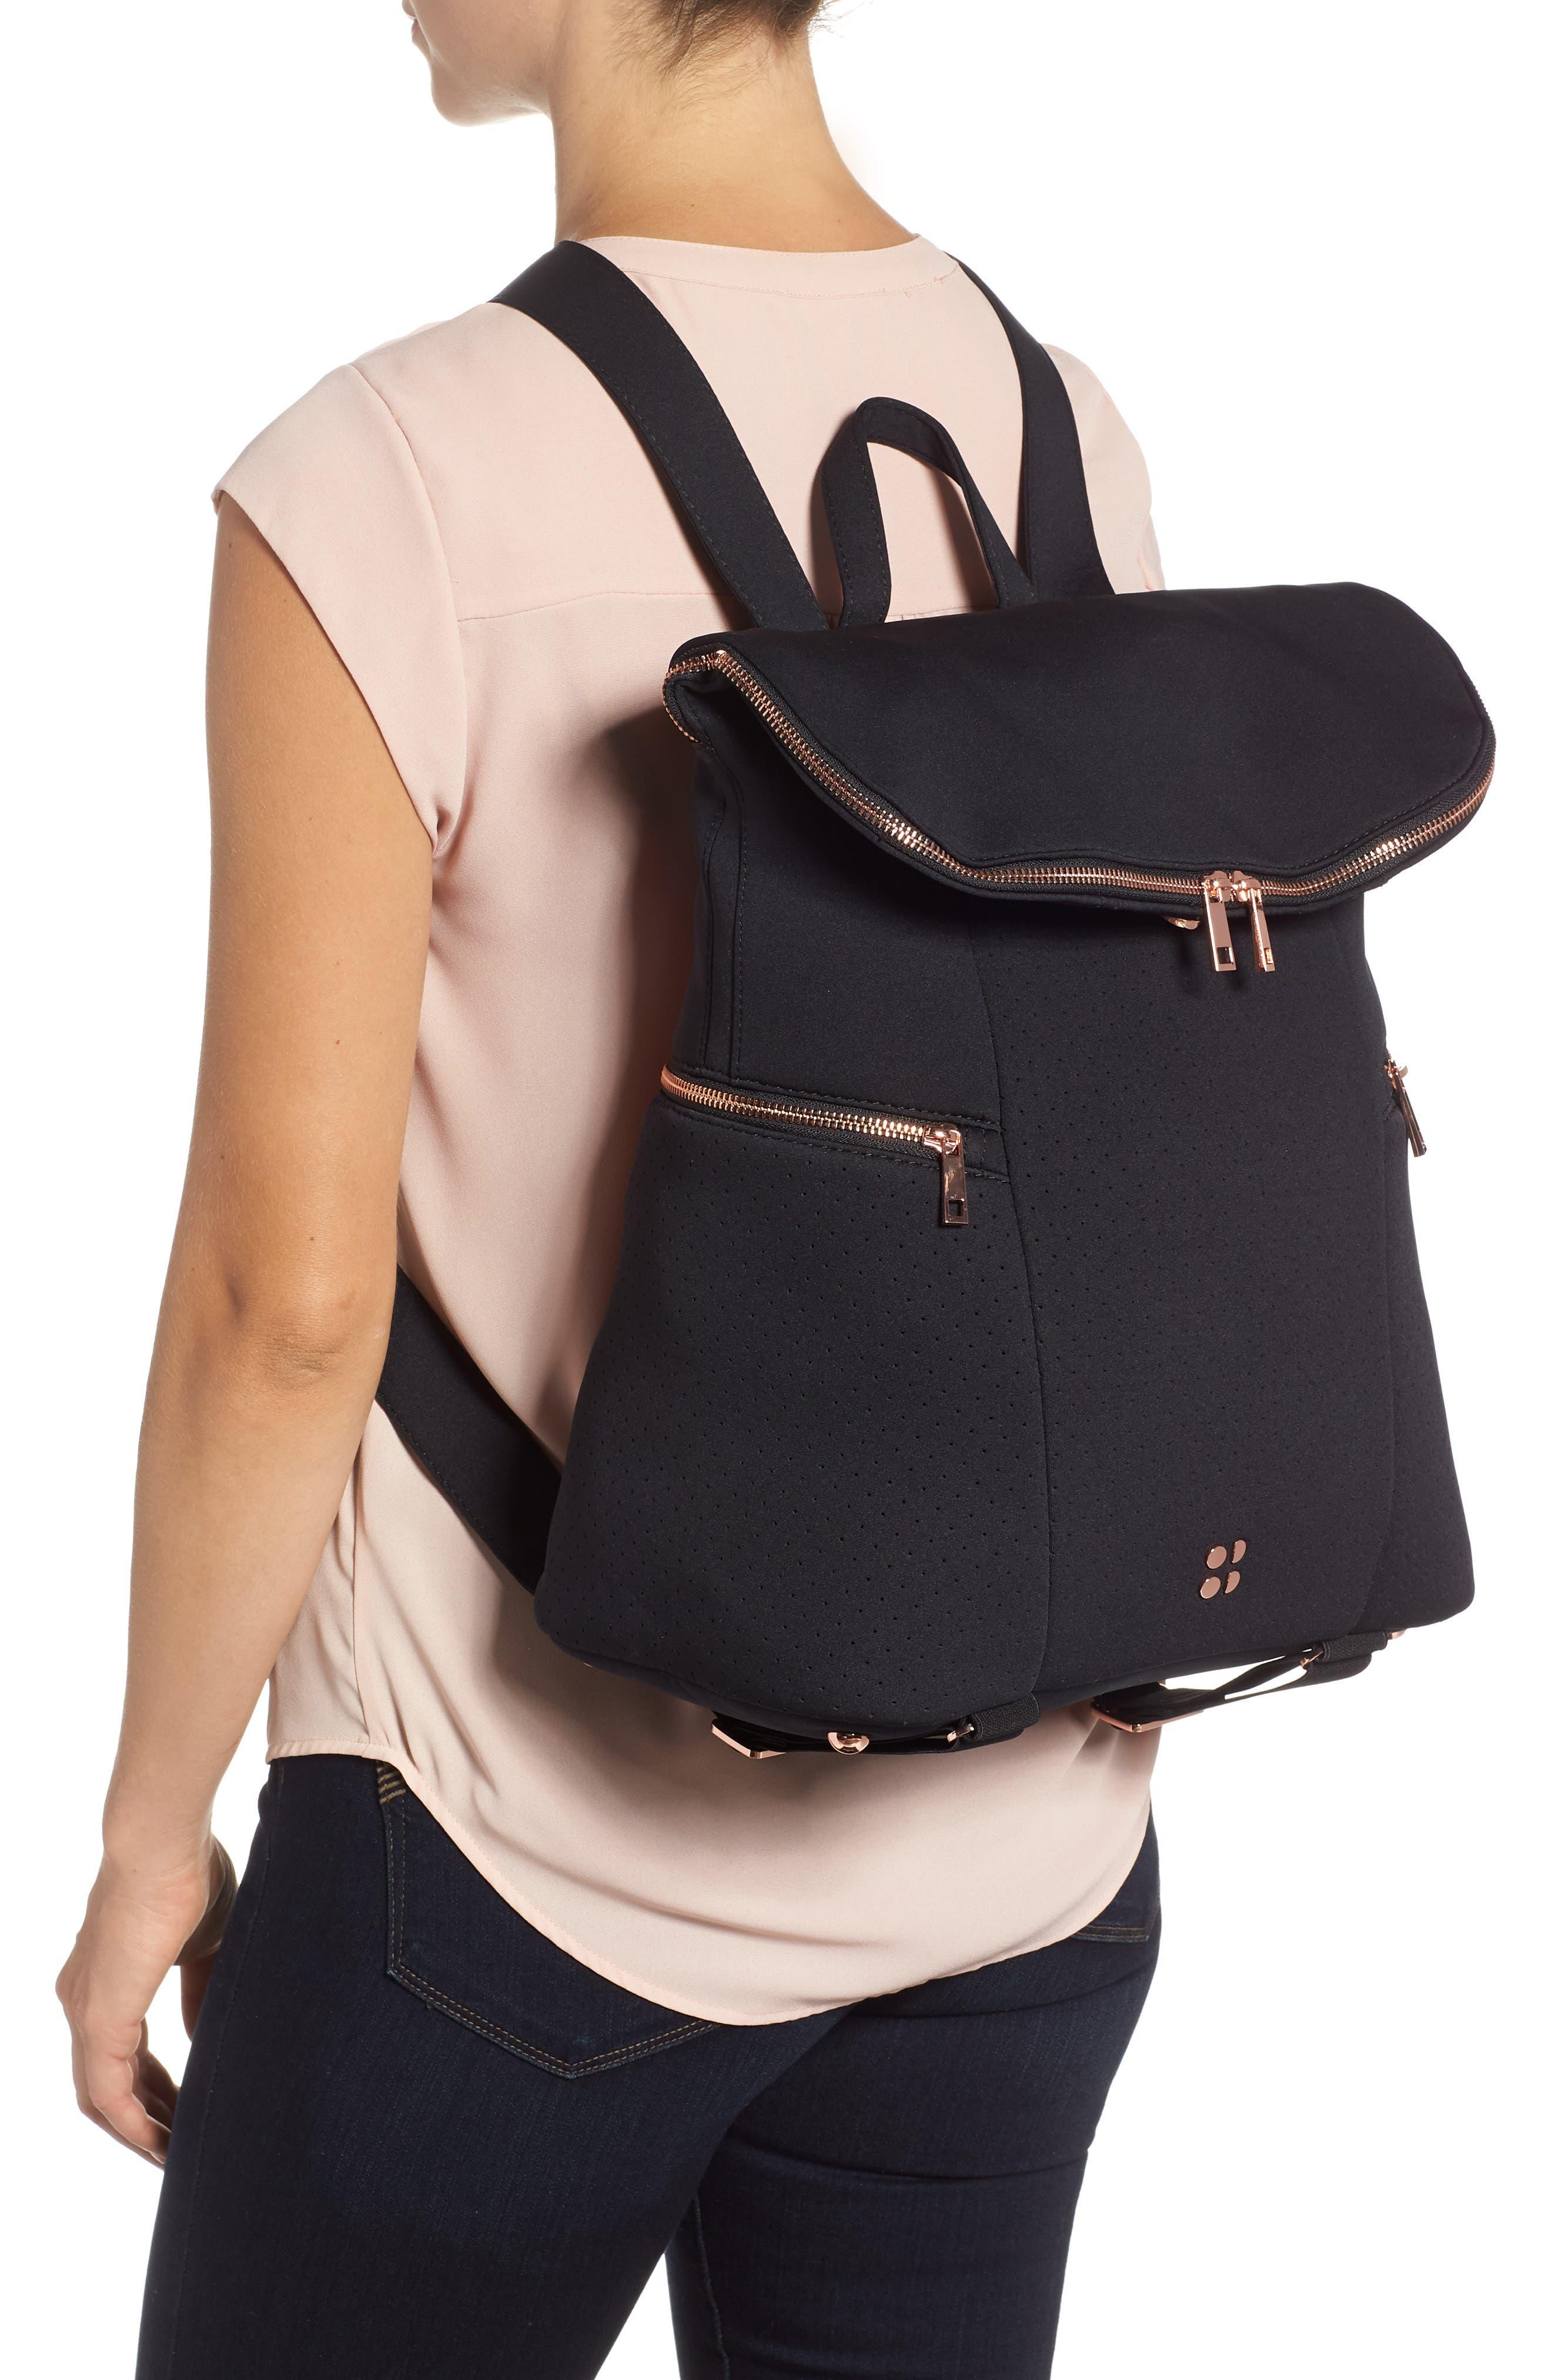 All Sport Backpack,                             Alternate thumbnail 2, color,                             Black